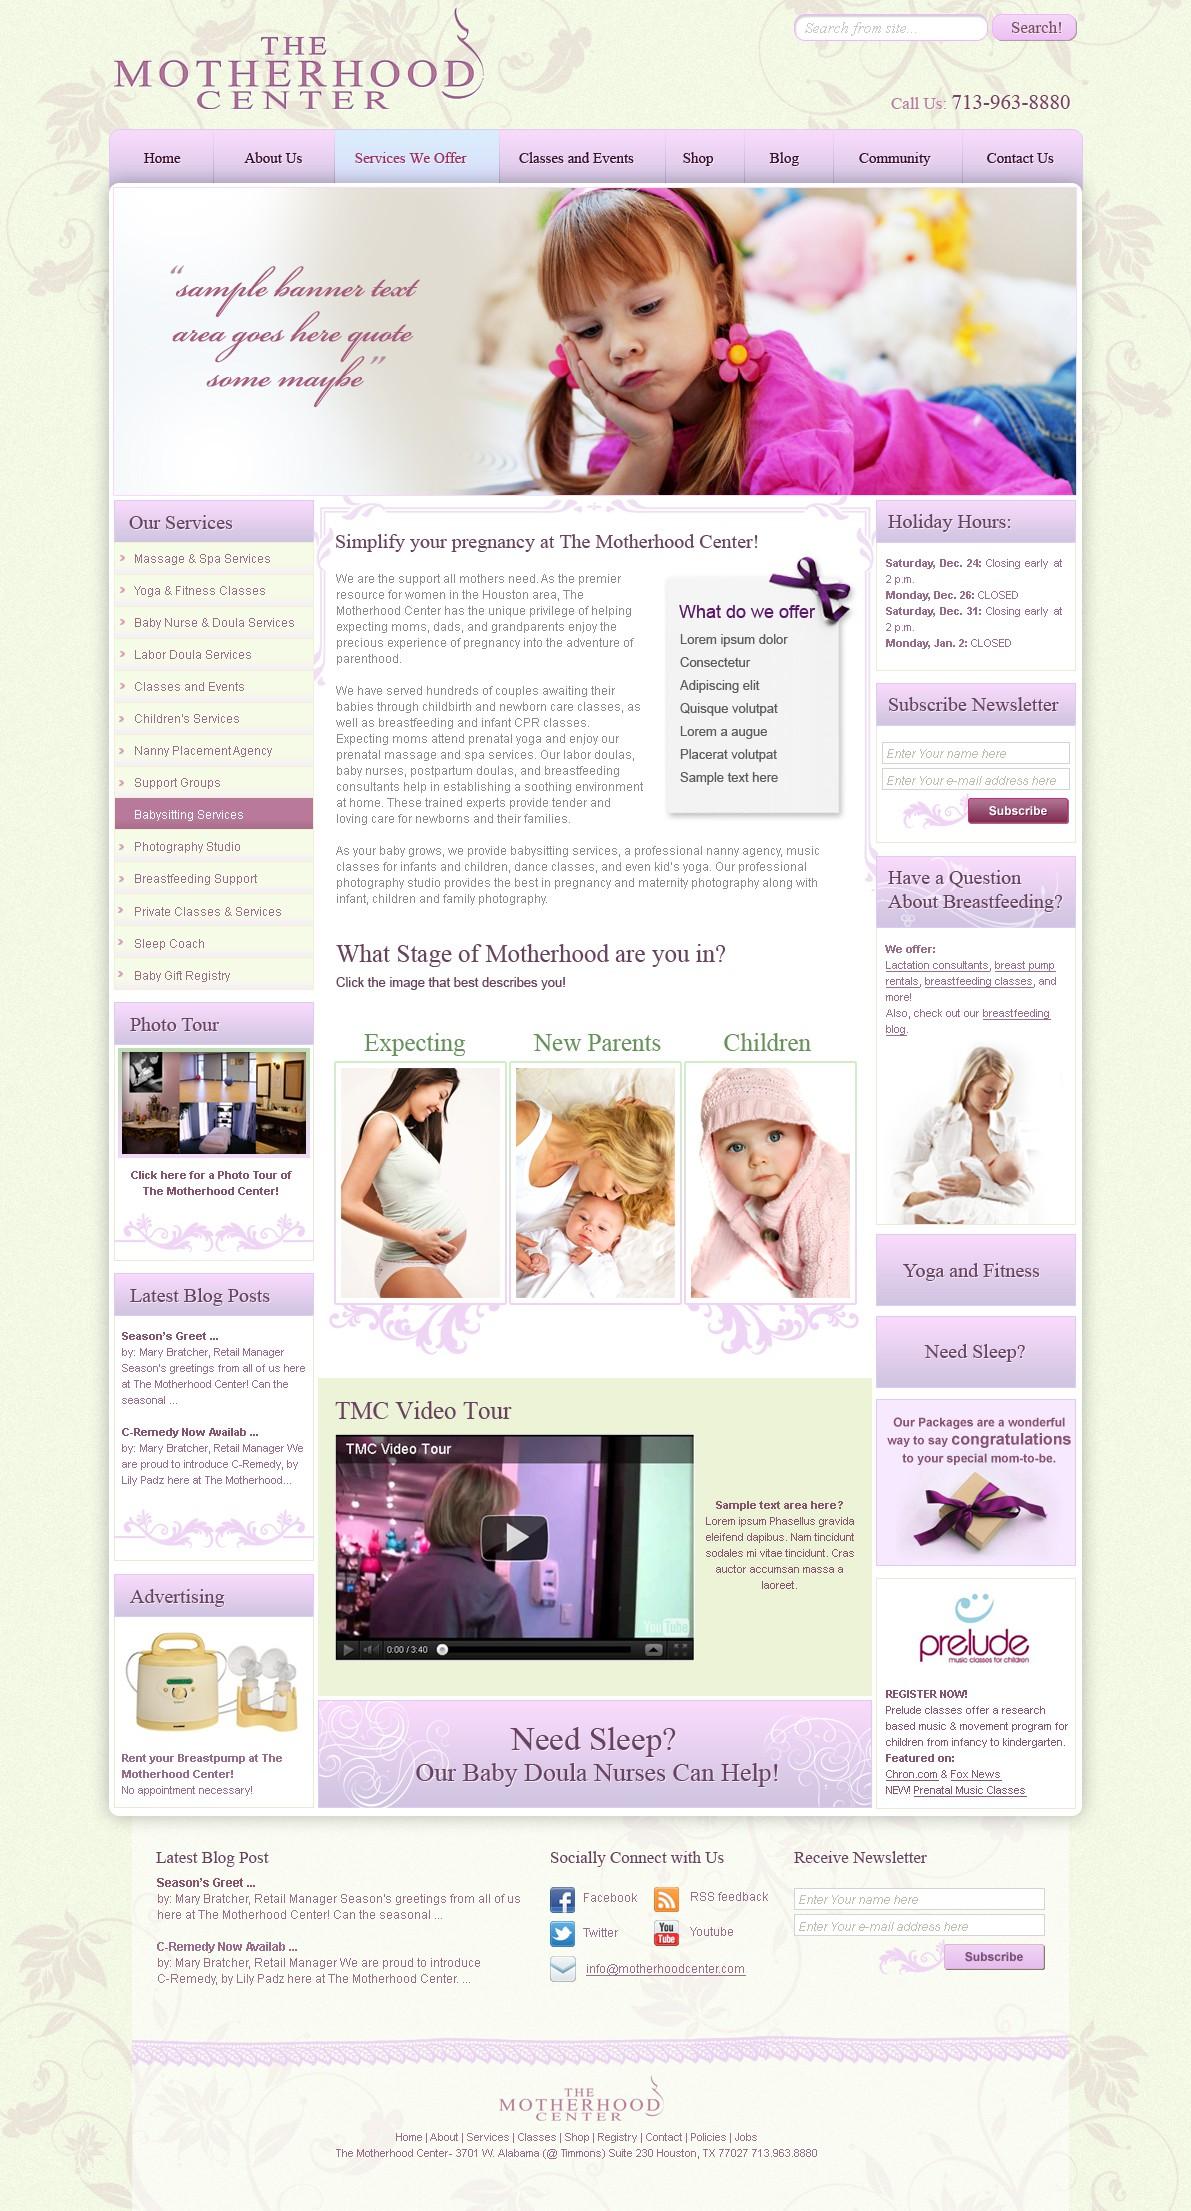 The Motherhood Center needs a new website design